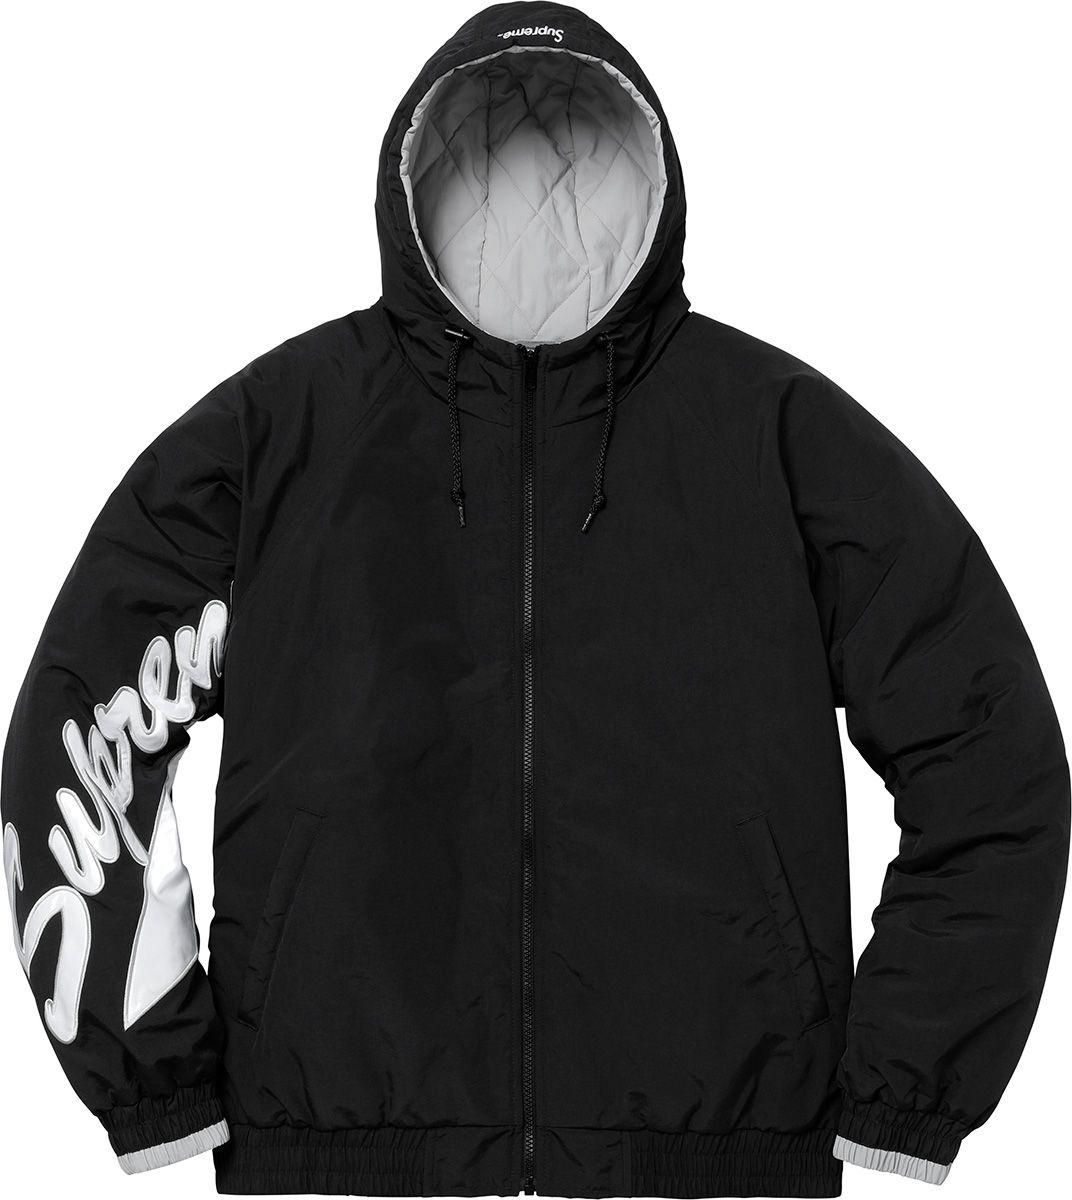 186093a2 Supreme Old English Corduroy Varsity Jacket | Jackets | Jackets ...